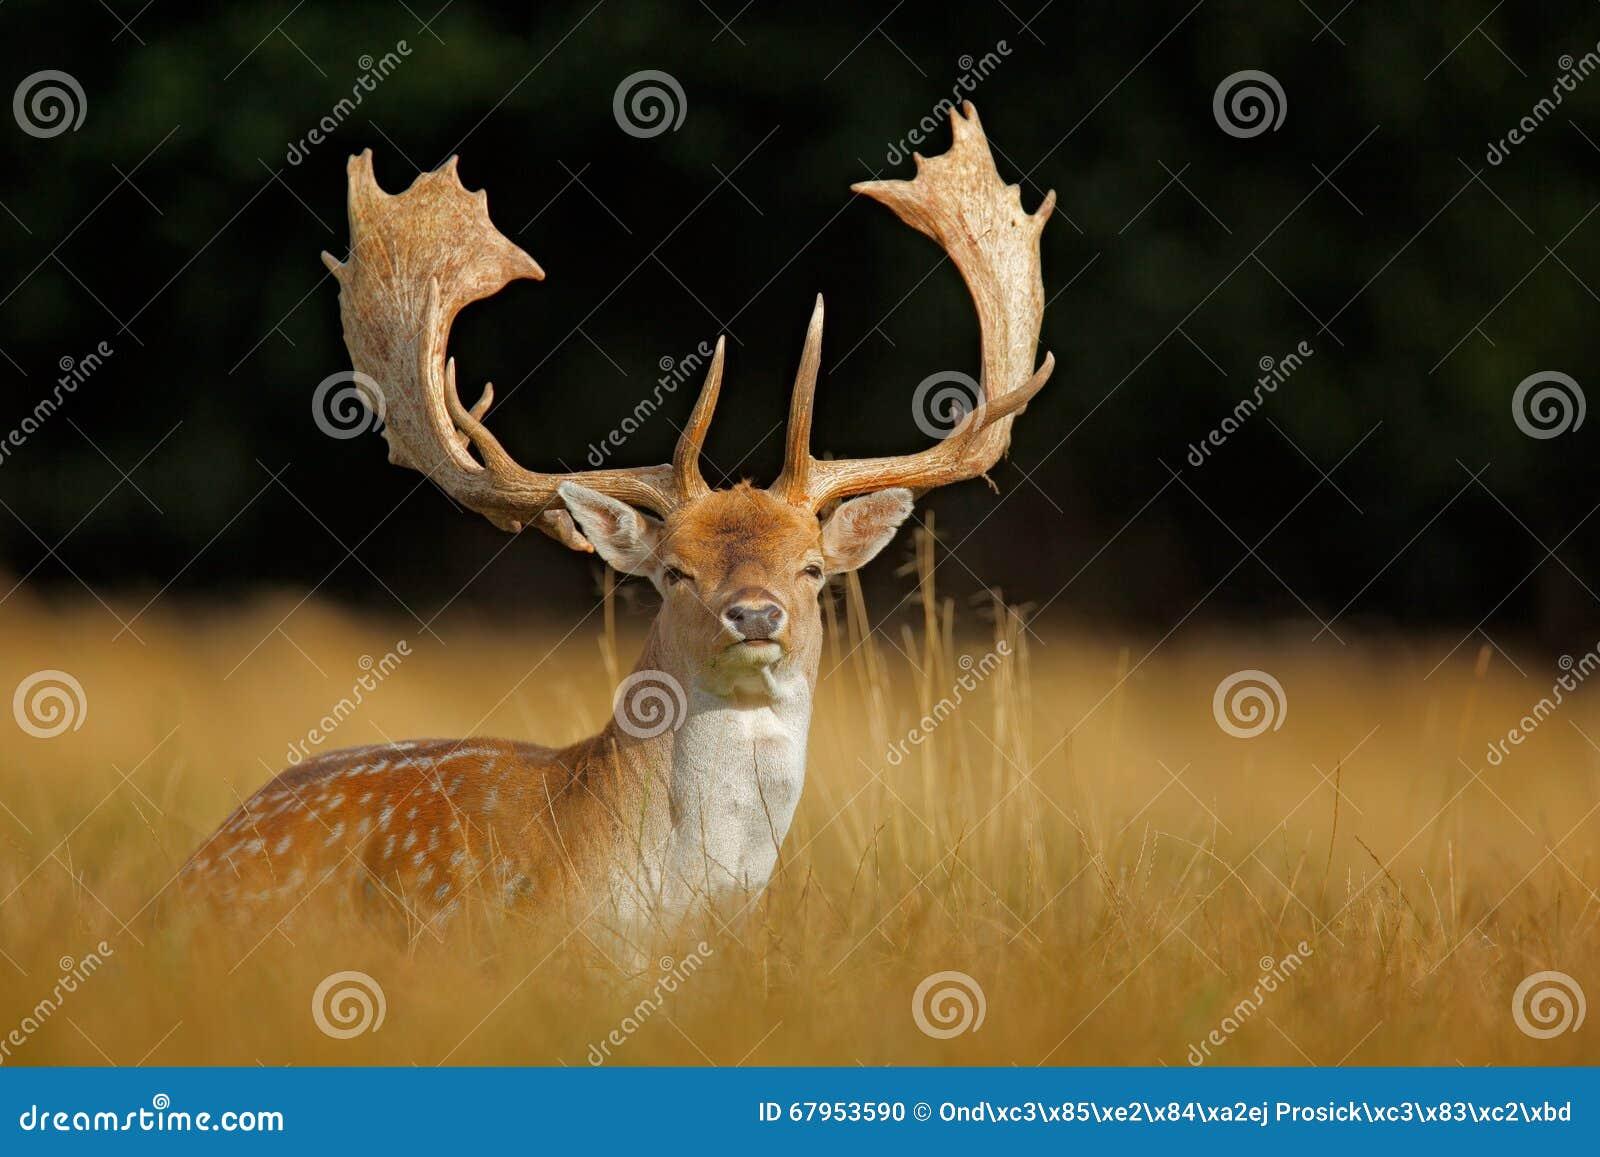 Brüllen Sie majestätische starke erwachsene Damhirsche, Dama Dama, im Herbstwald, Dyrehave, Dänemark